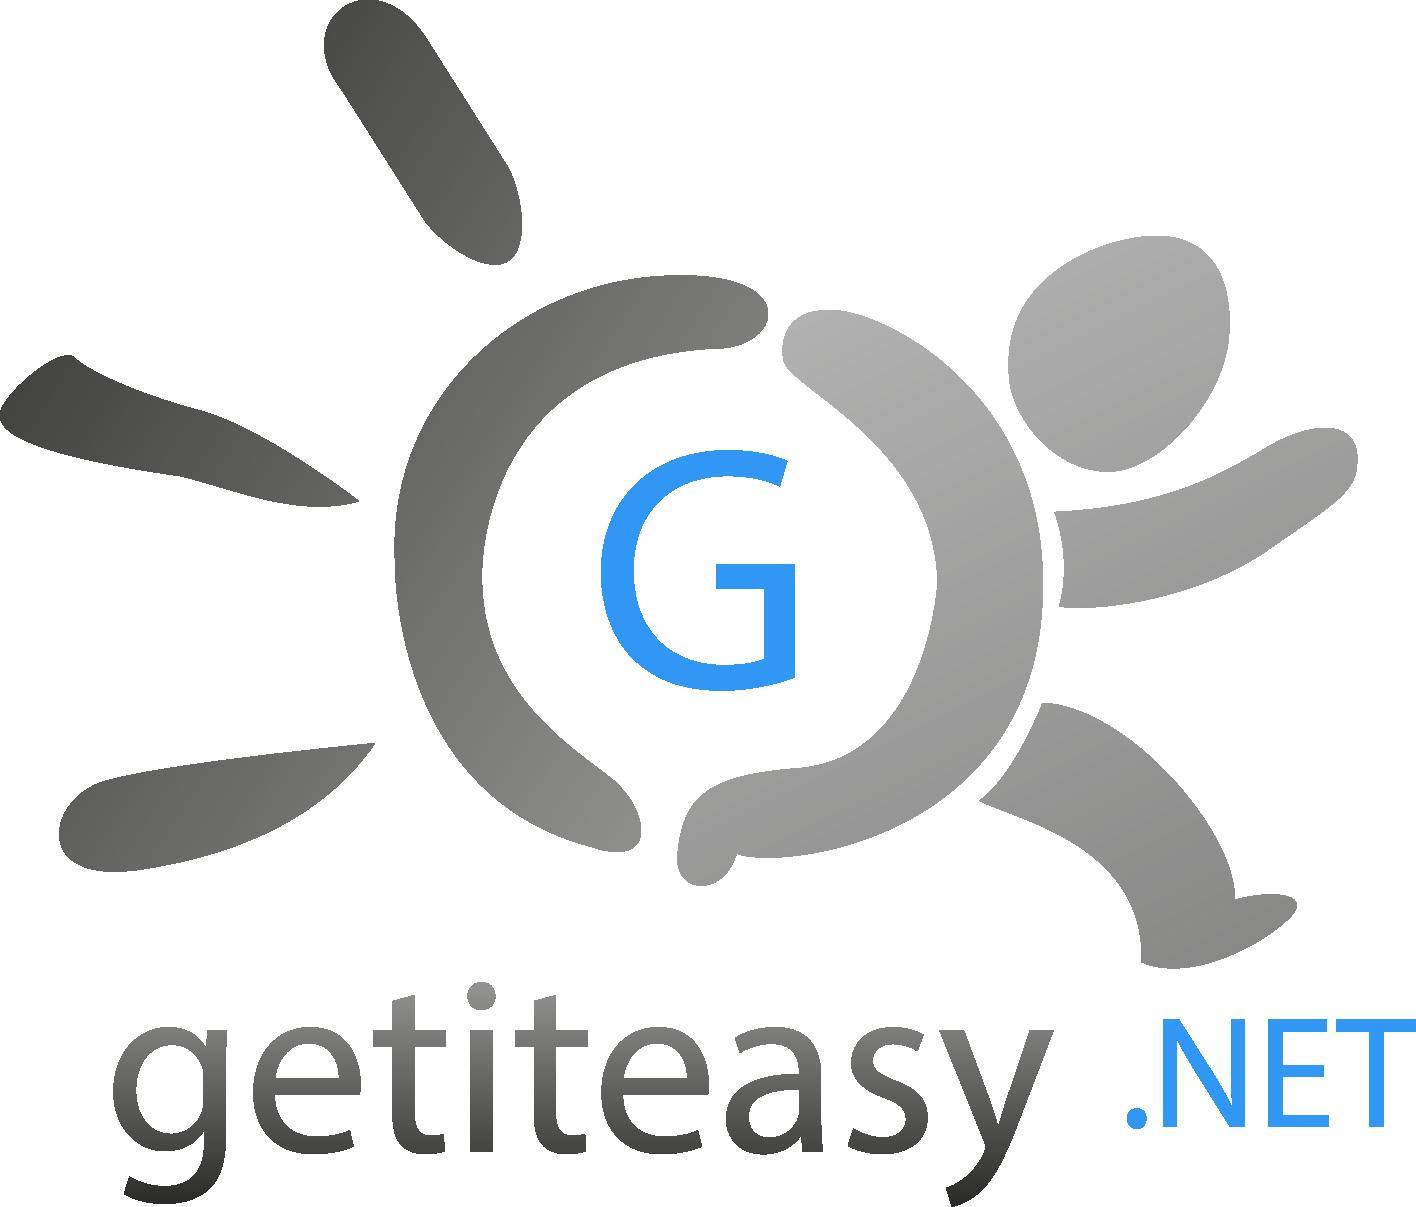 Getiteasy